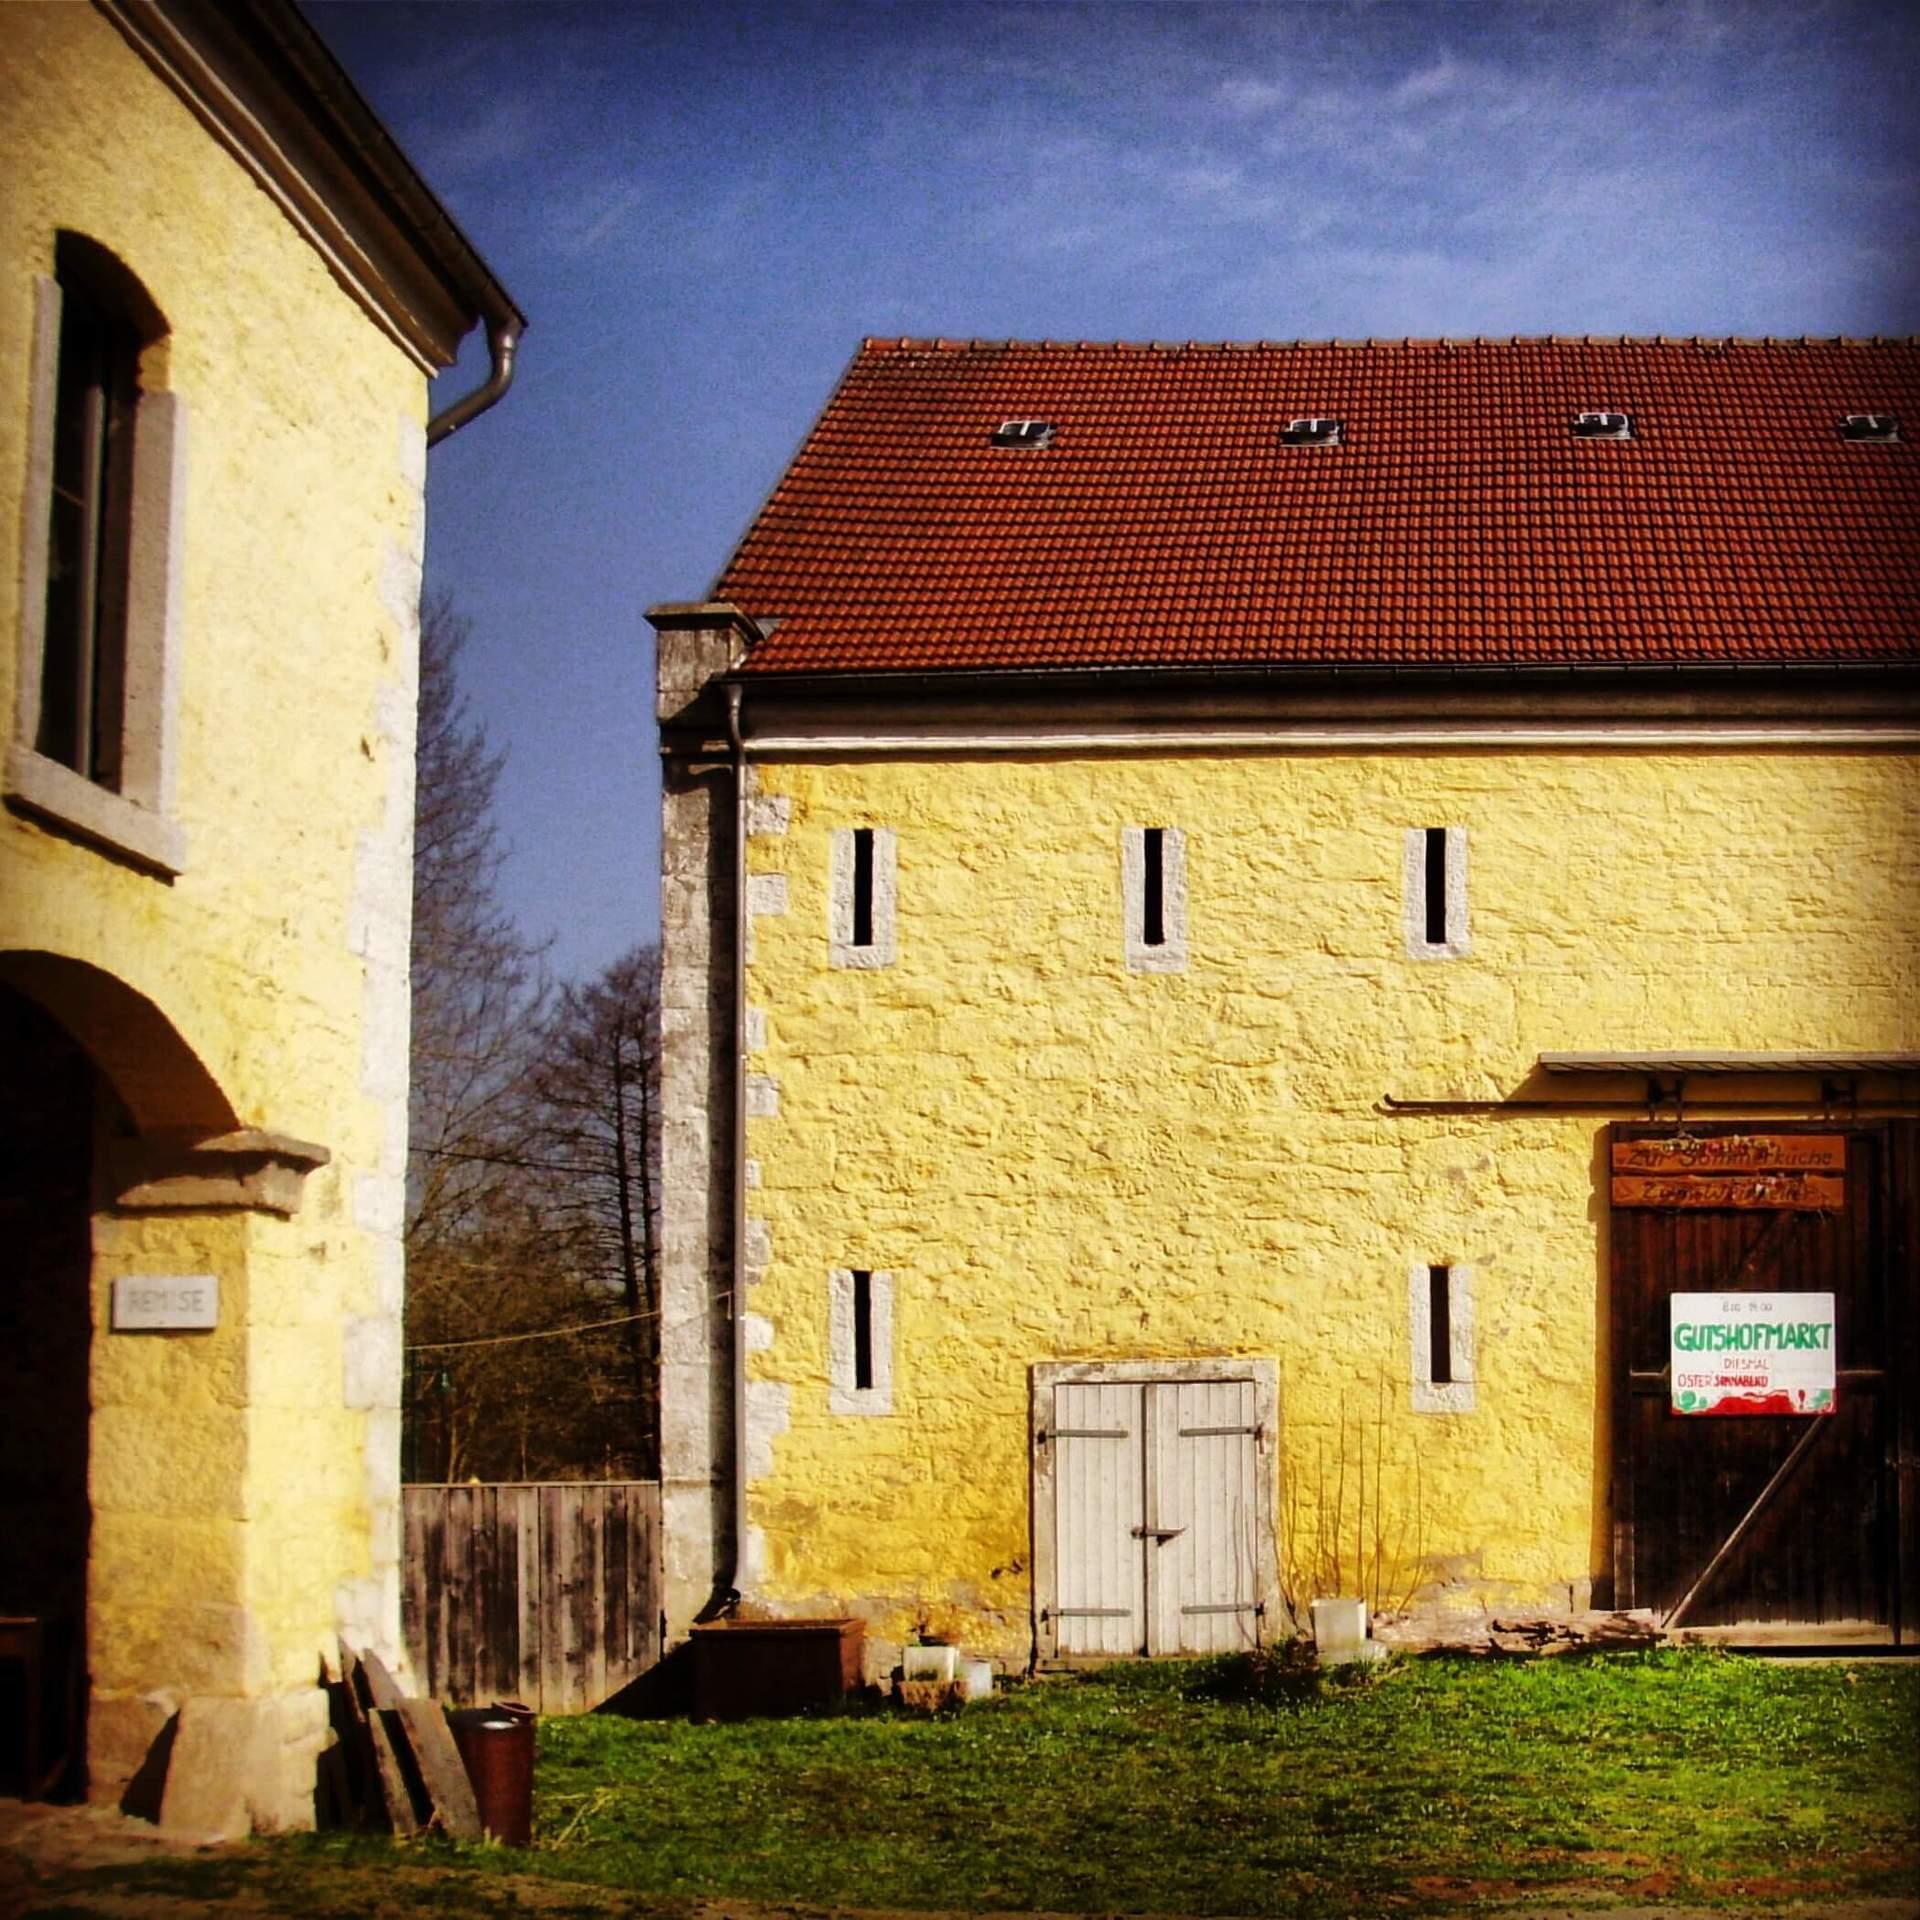 Rittergut Adlershof zu Oberlauterbach - Scheuengebäude © Jens Reiher